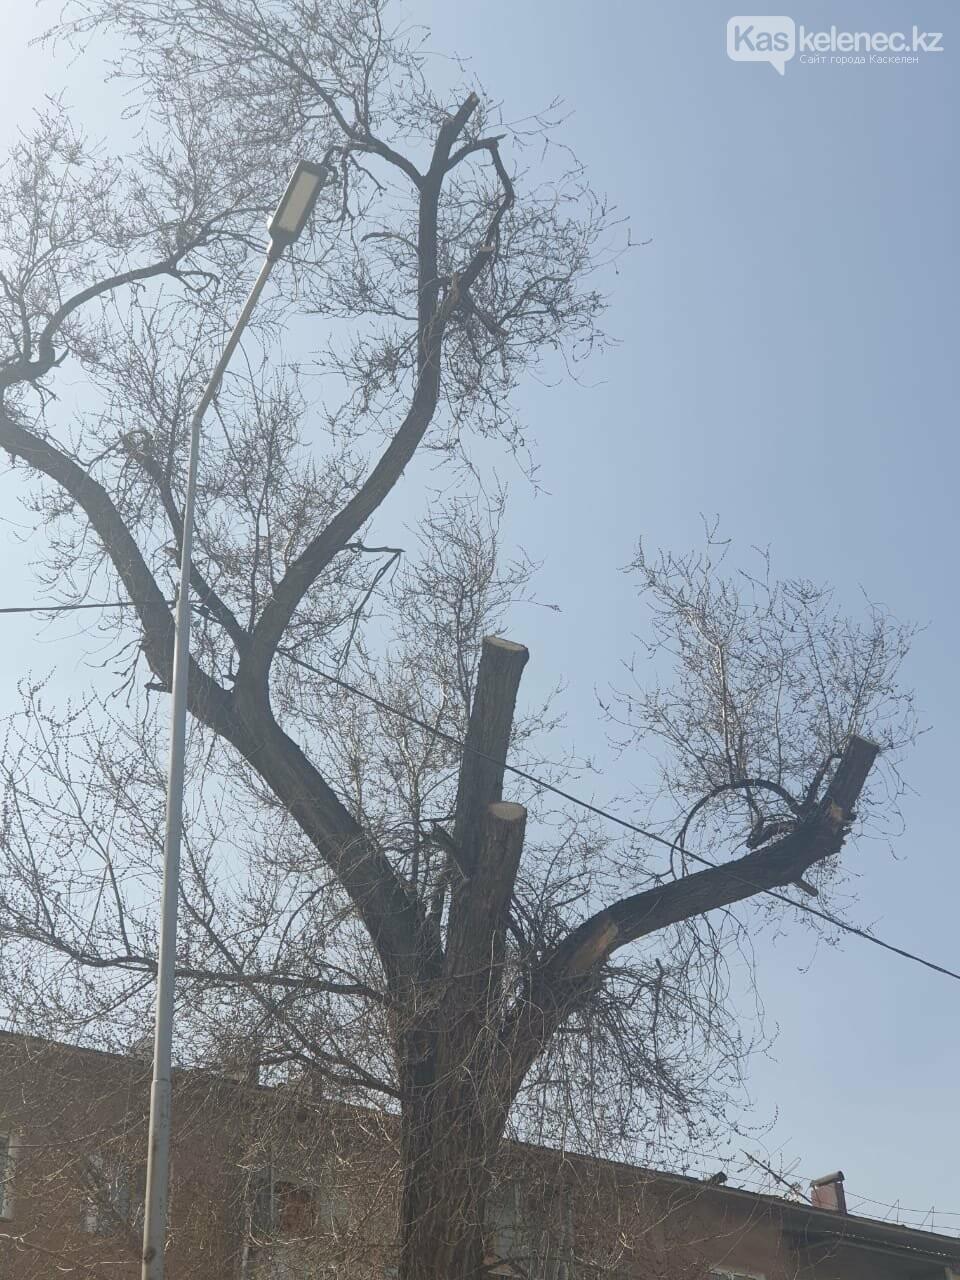 Незеленый Каскелен: почему в городе пилят деревья, фото-12